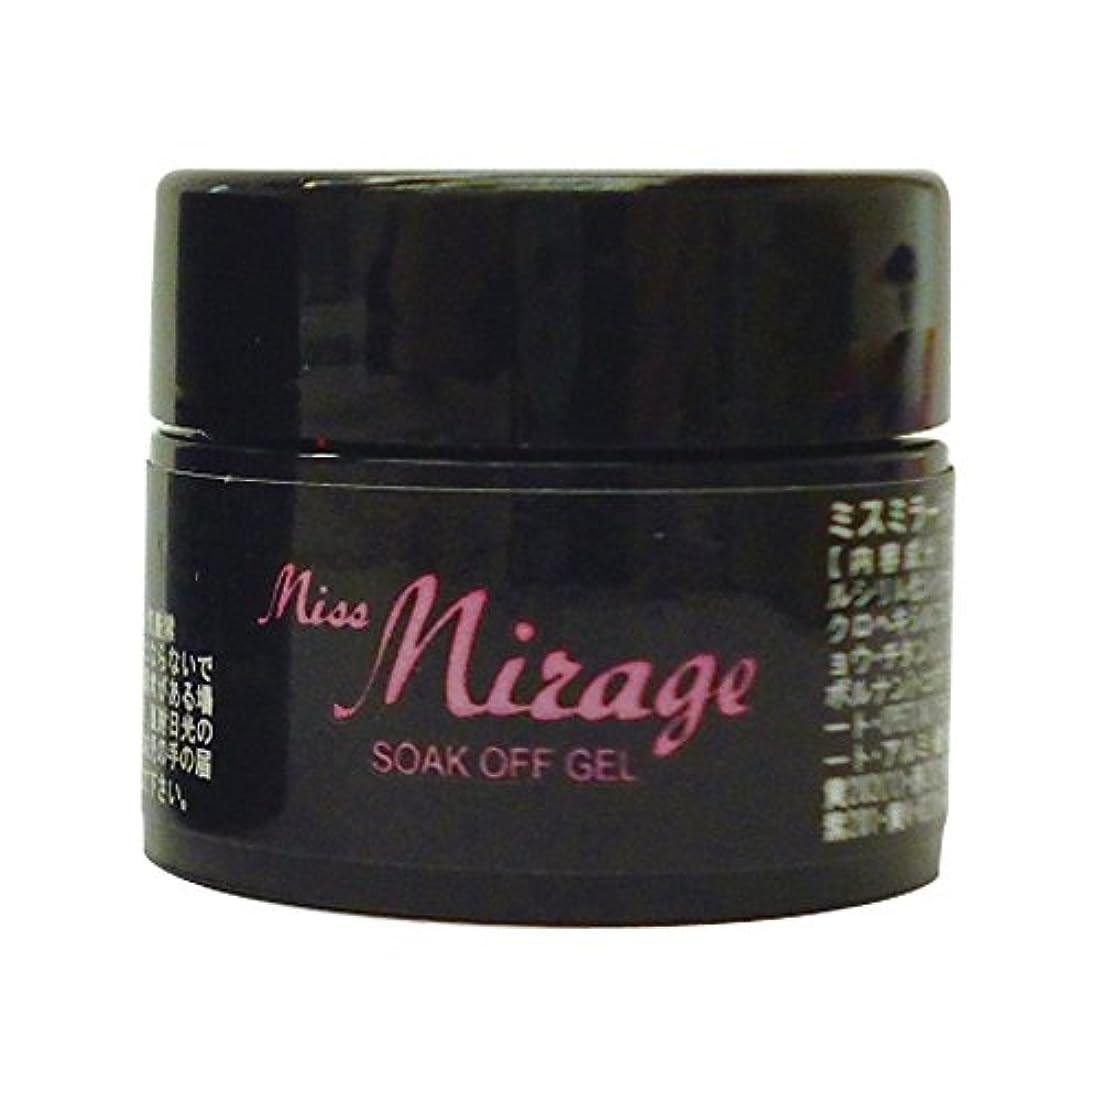 群れ甘味子供時代Miss Mirage カラージェル TM39S トゥルーリーカフェオレベージュ 2.5g